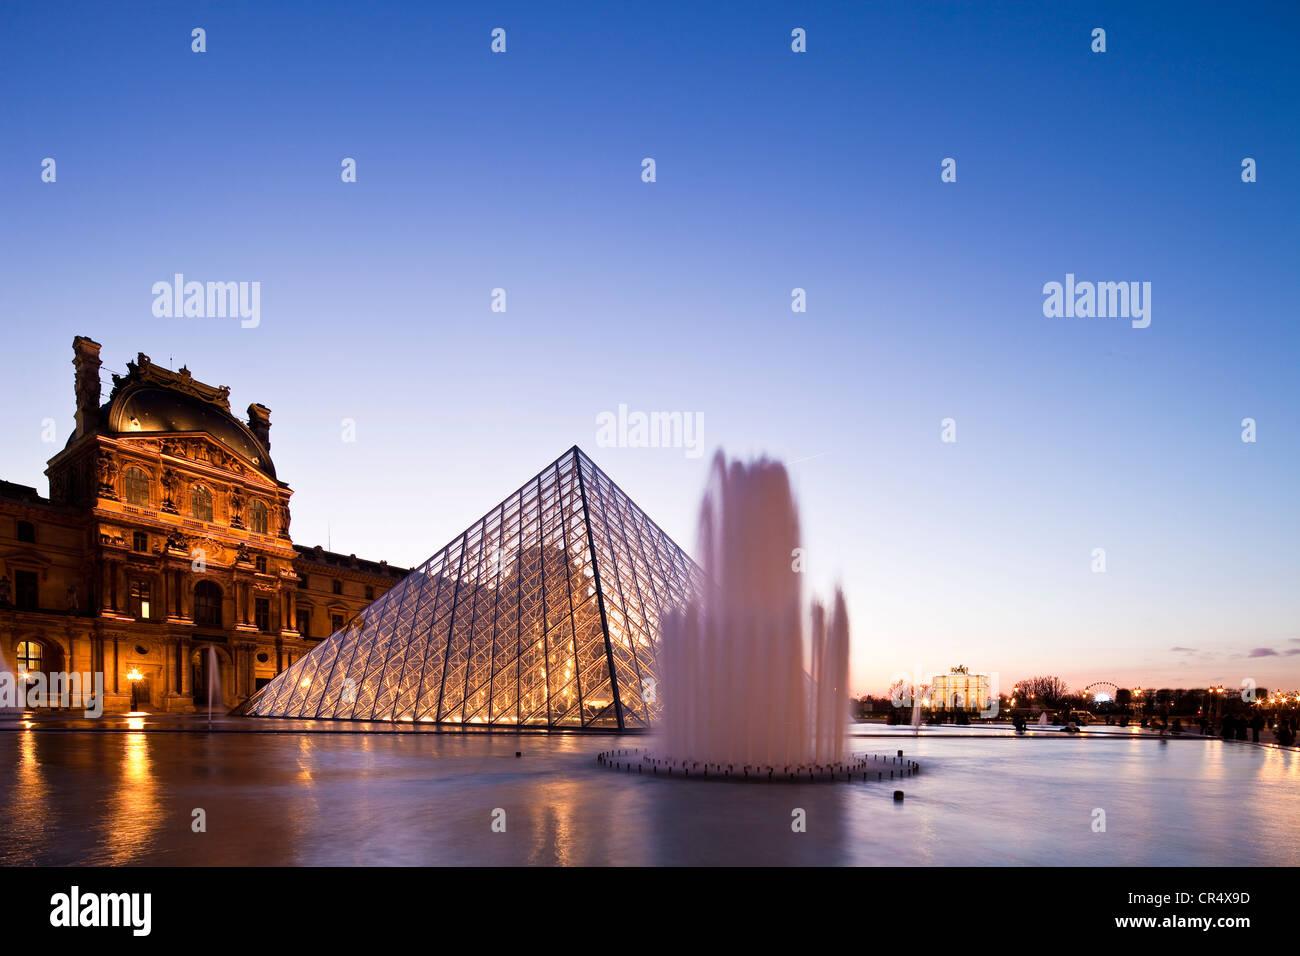 Francia, París, Museo del Louvre y la pirámide por el arquitecto Ieoh Ming Pei en la Cour Napoleón, iluminación por Claude Engle Foto de stock